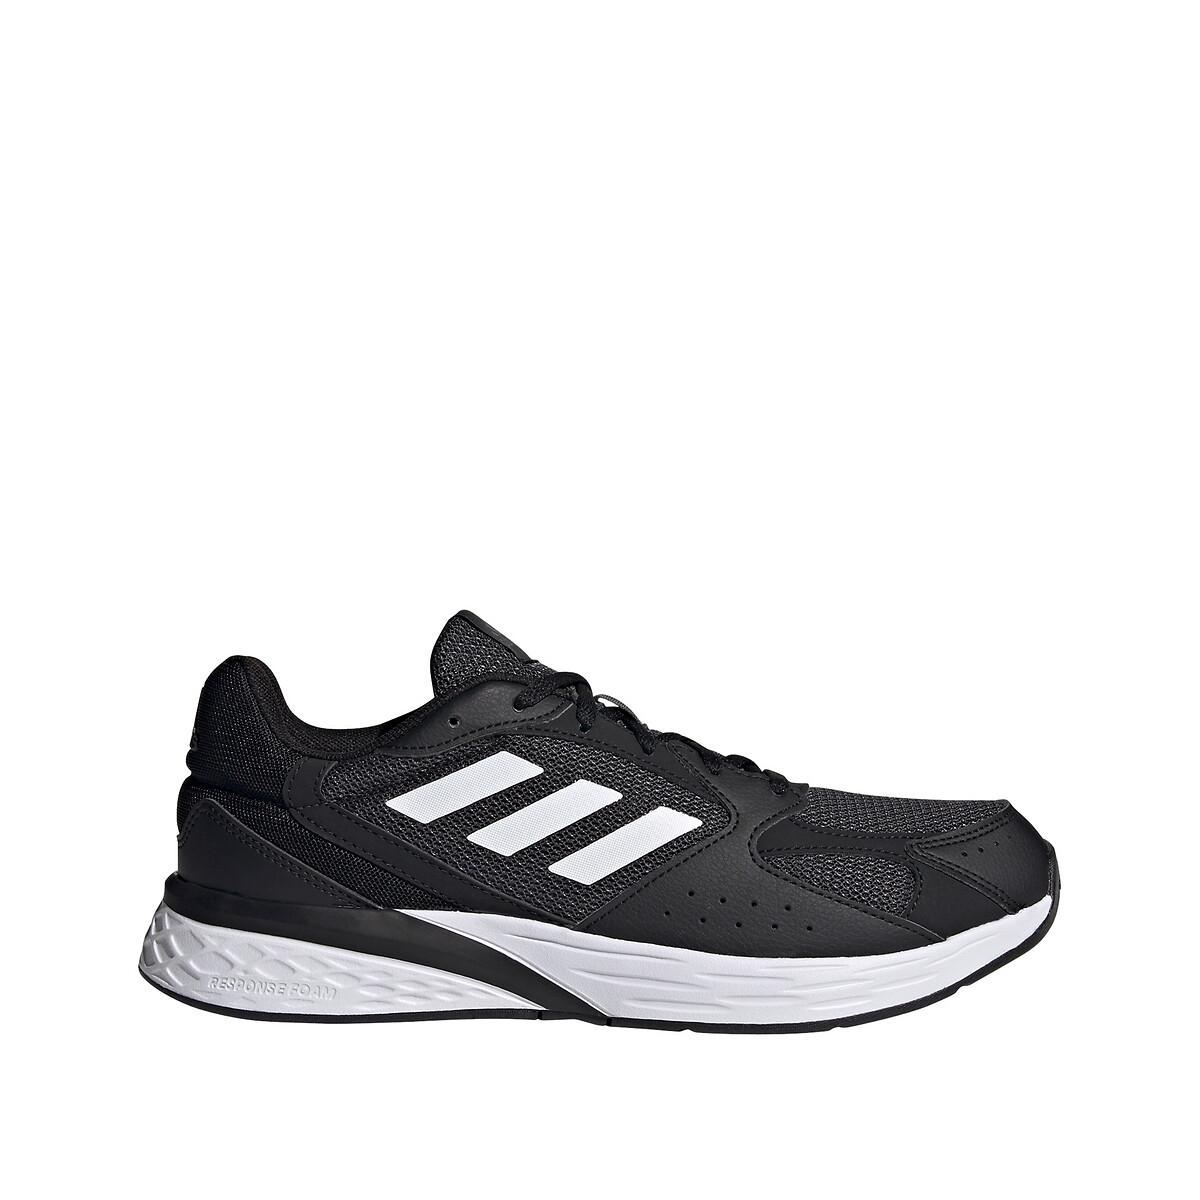 Adidas Performance Response -Run sneakers zwart/wit/grijs online kopen